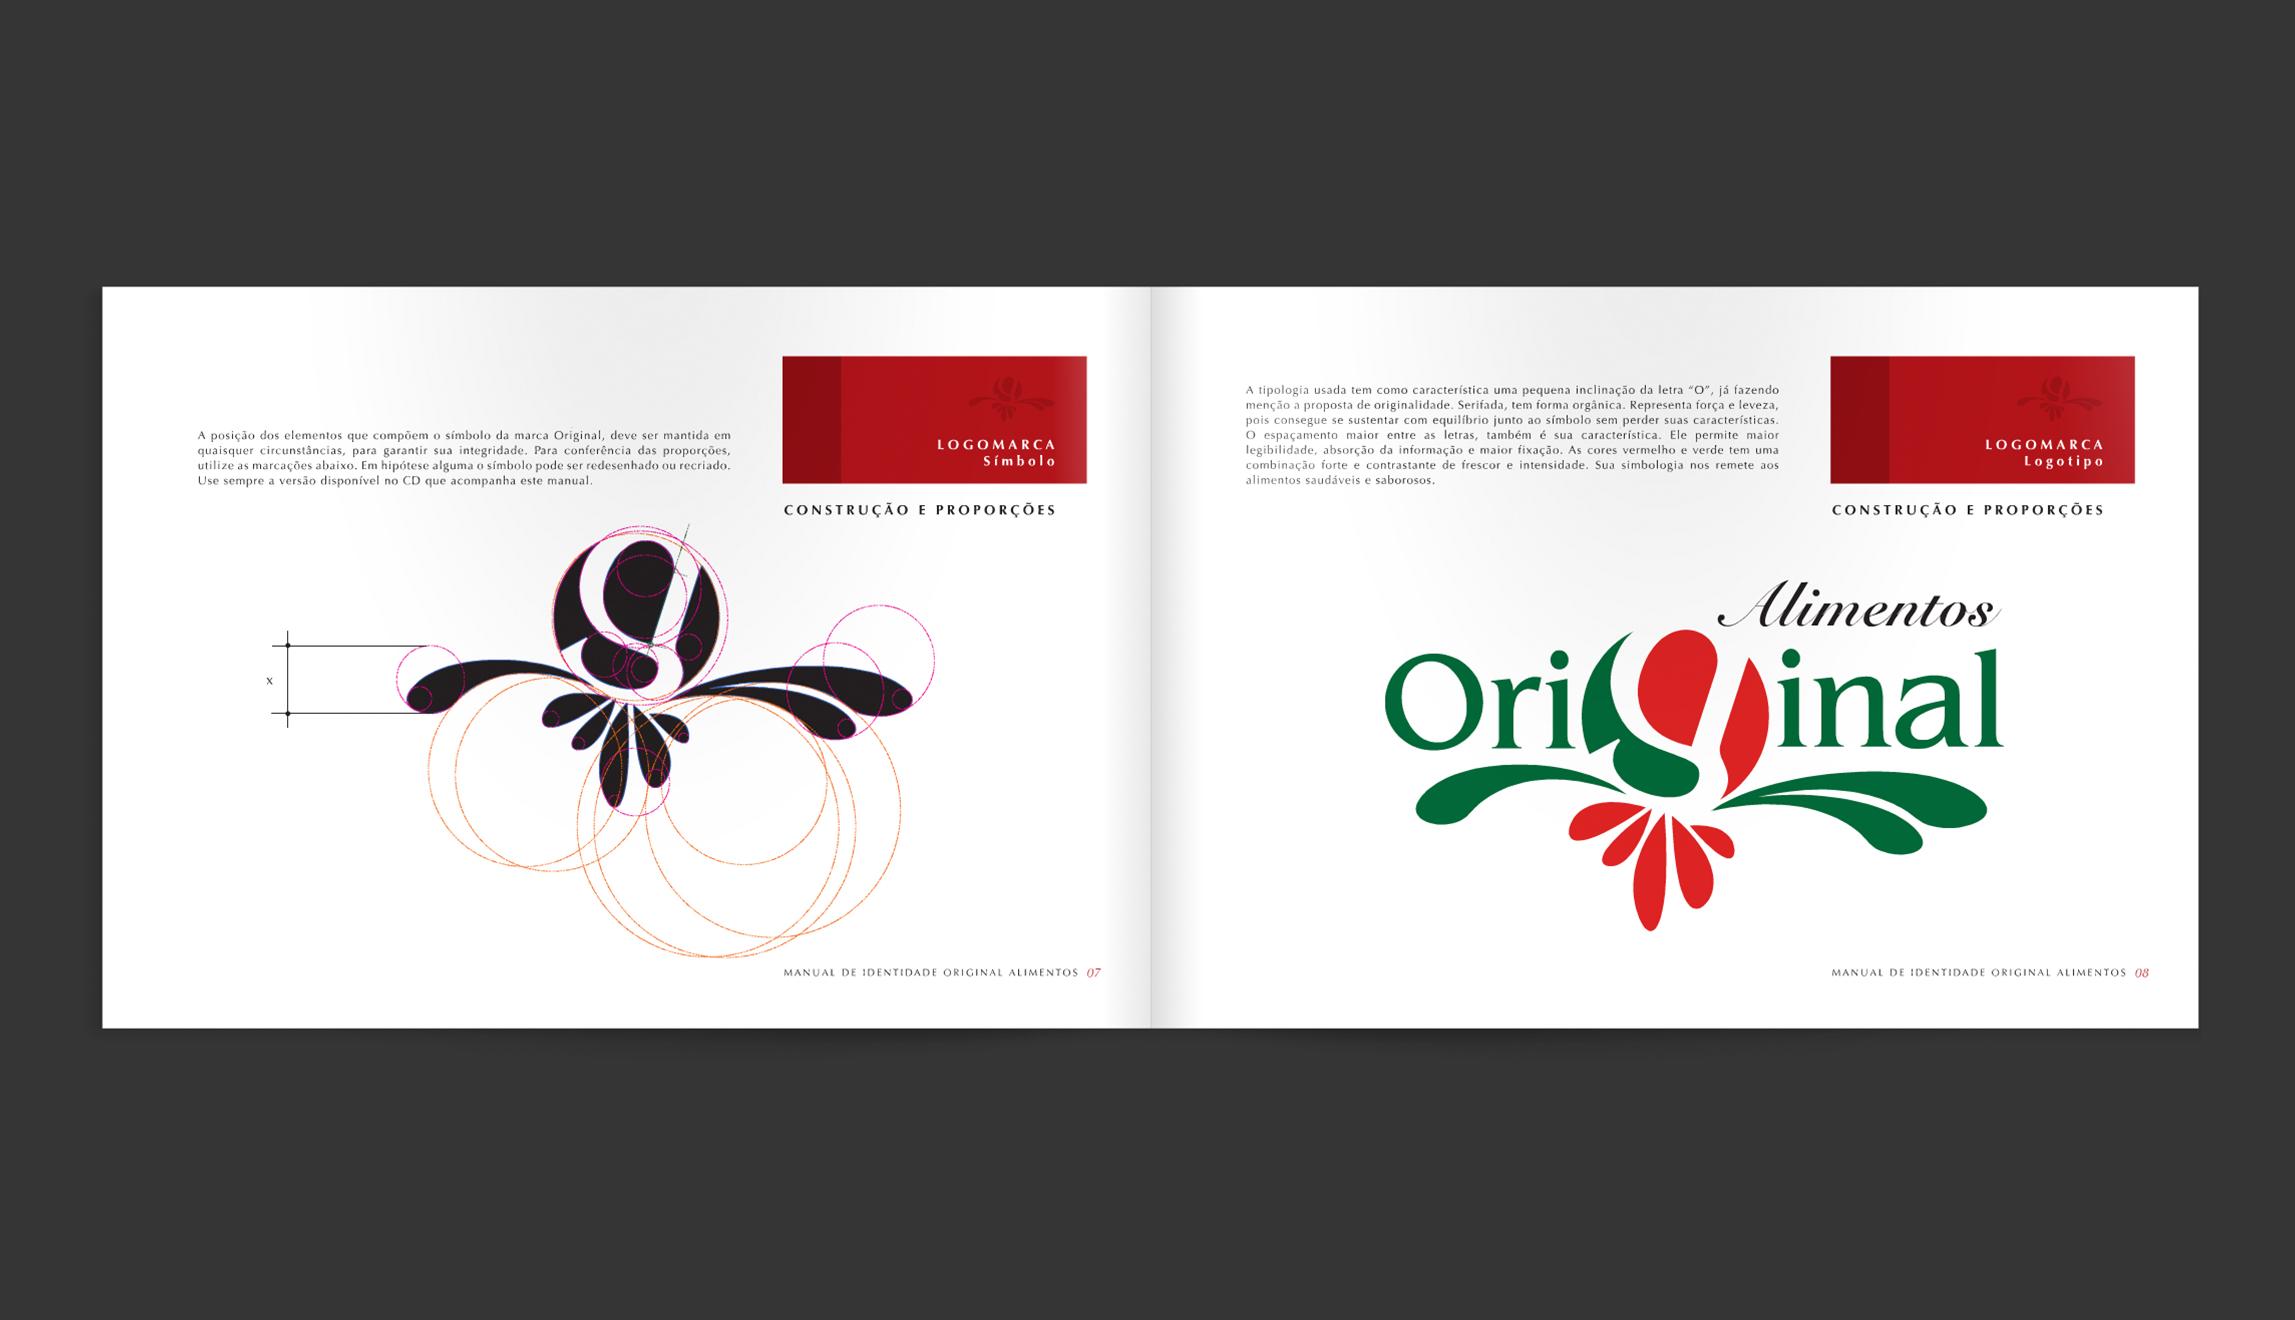 Manual-Original-4